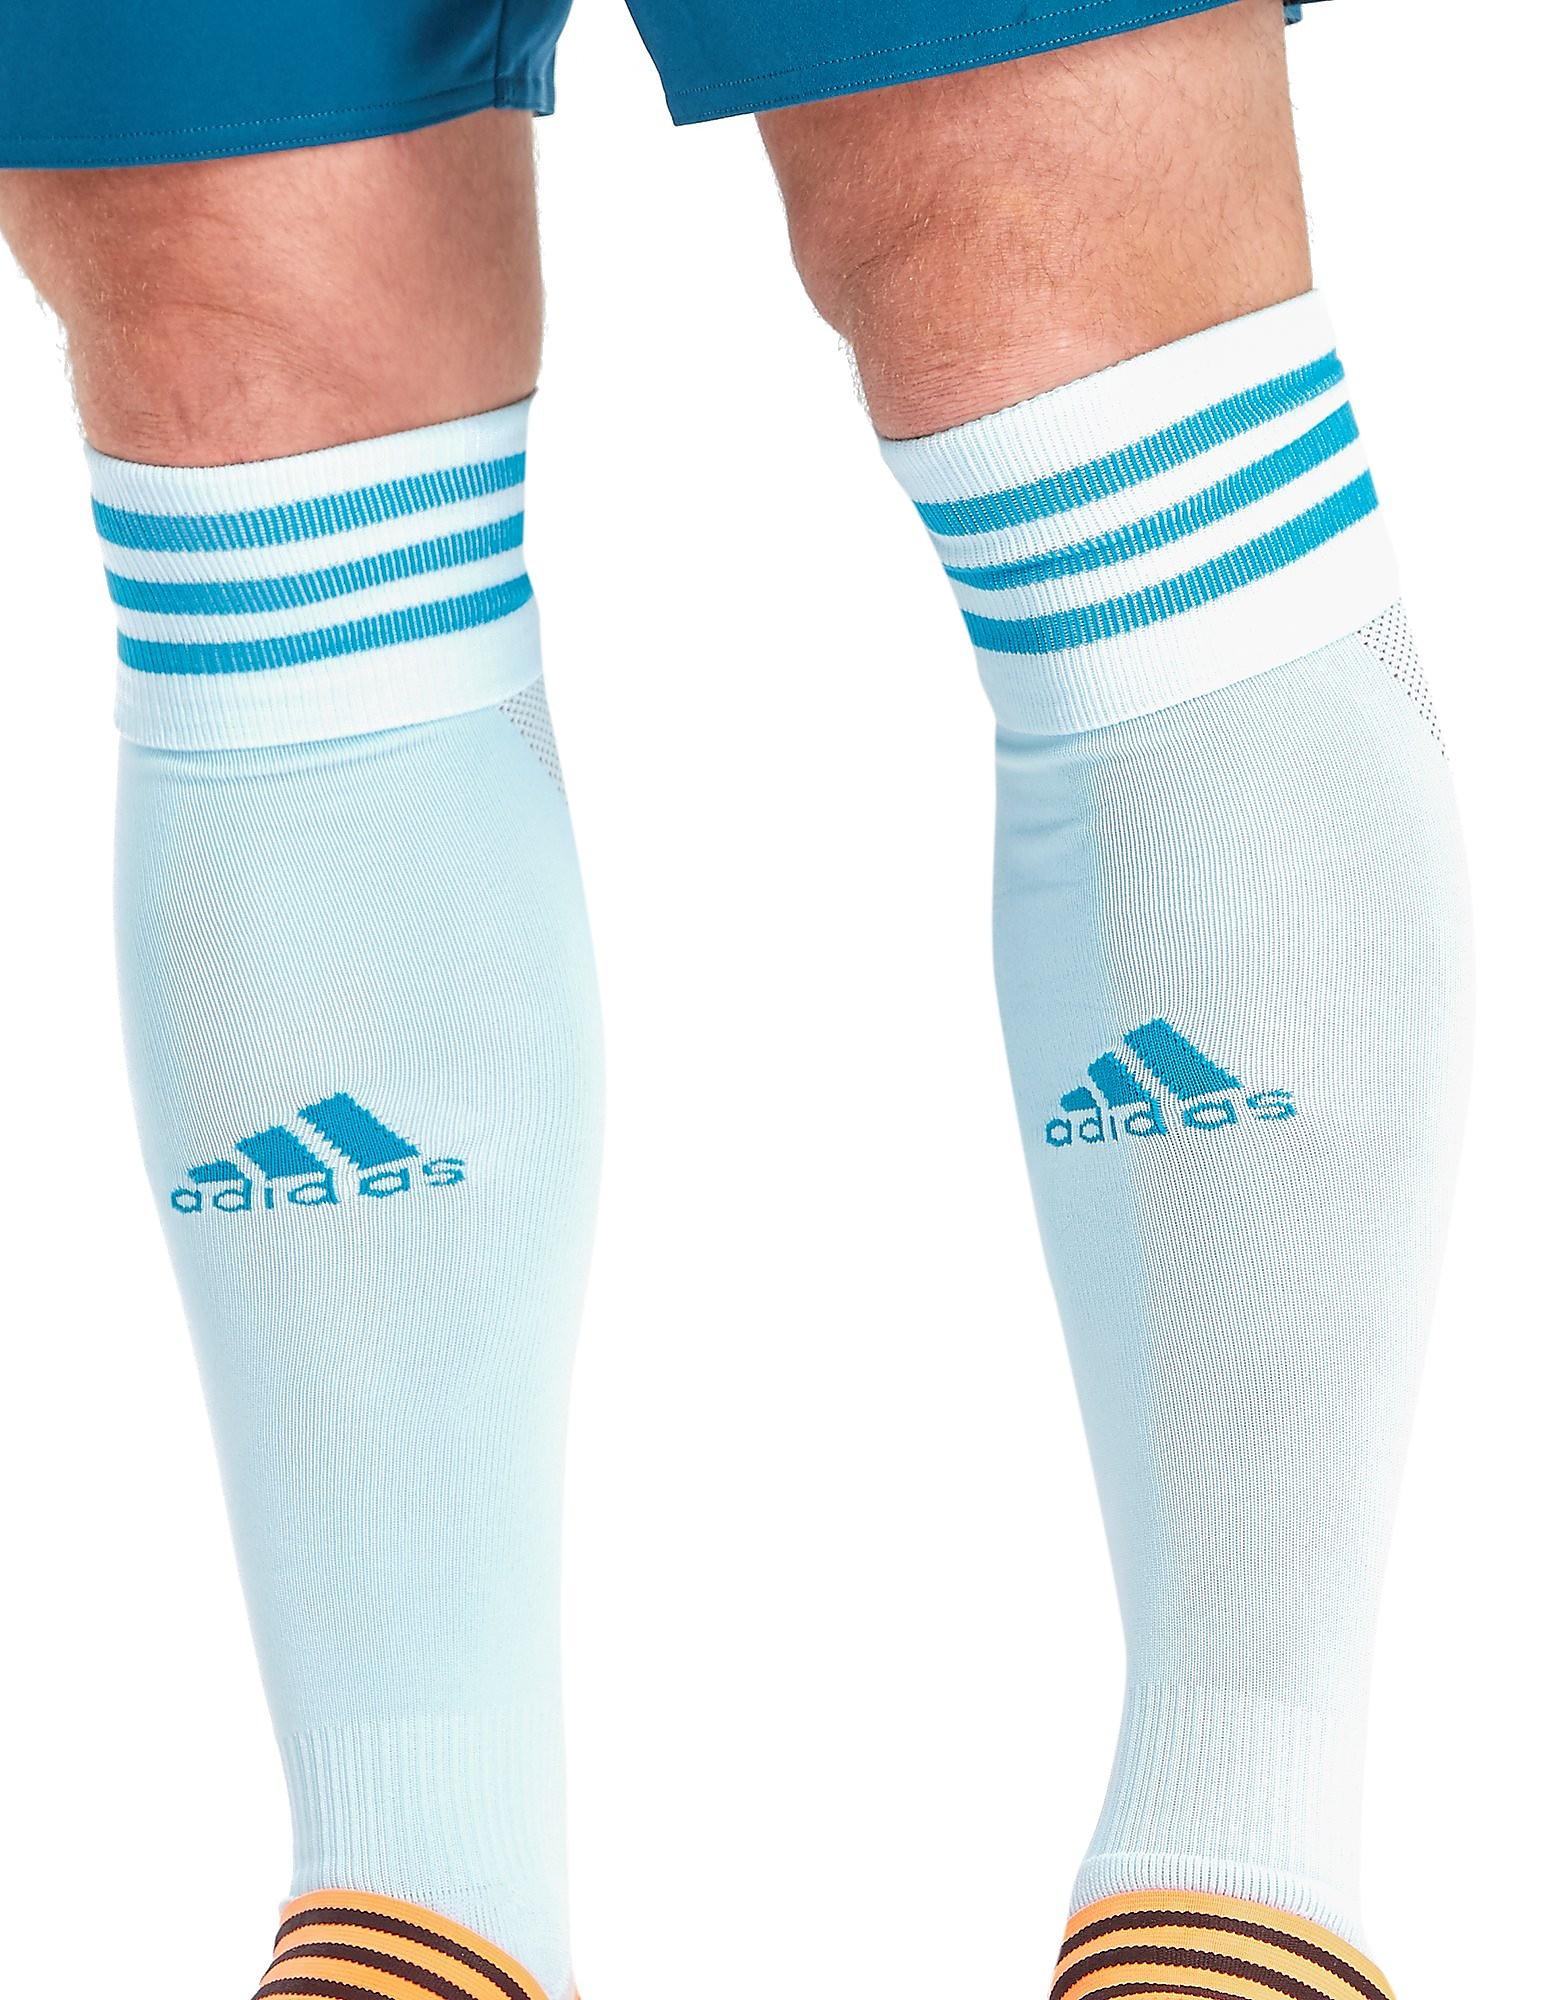 adidas Northern Ireland 2018 Away Socks